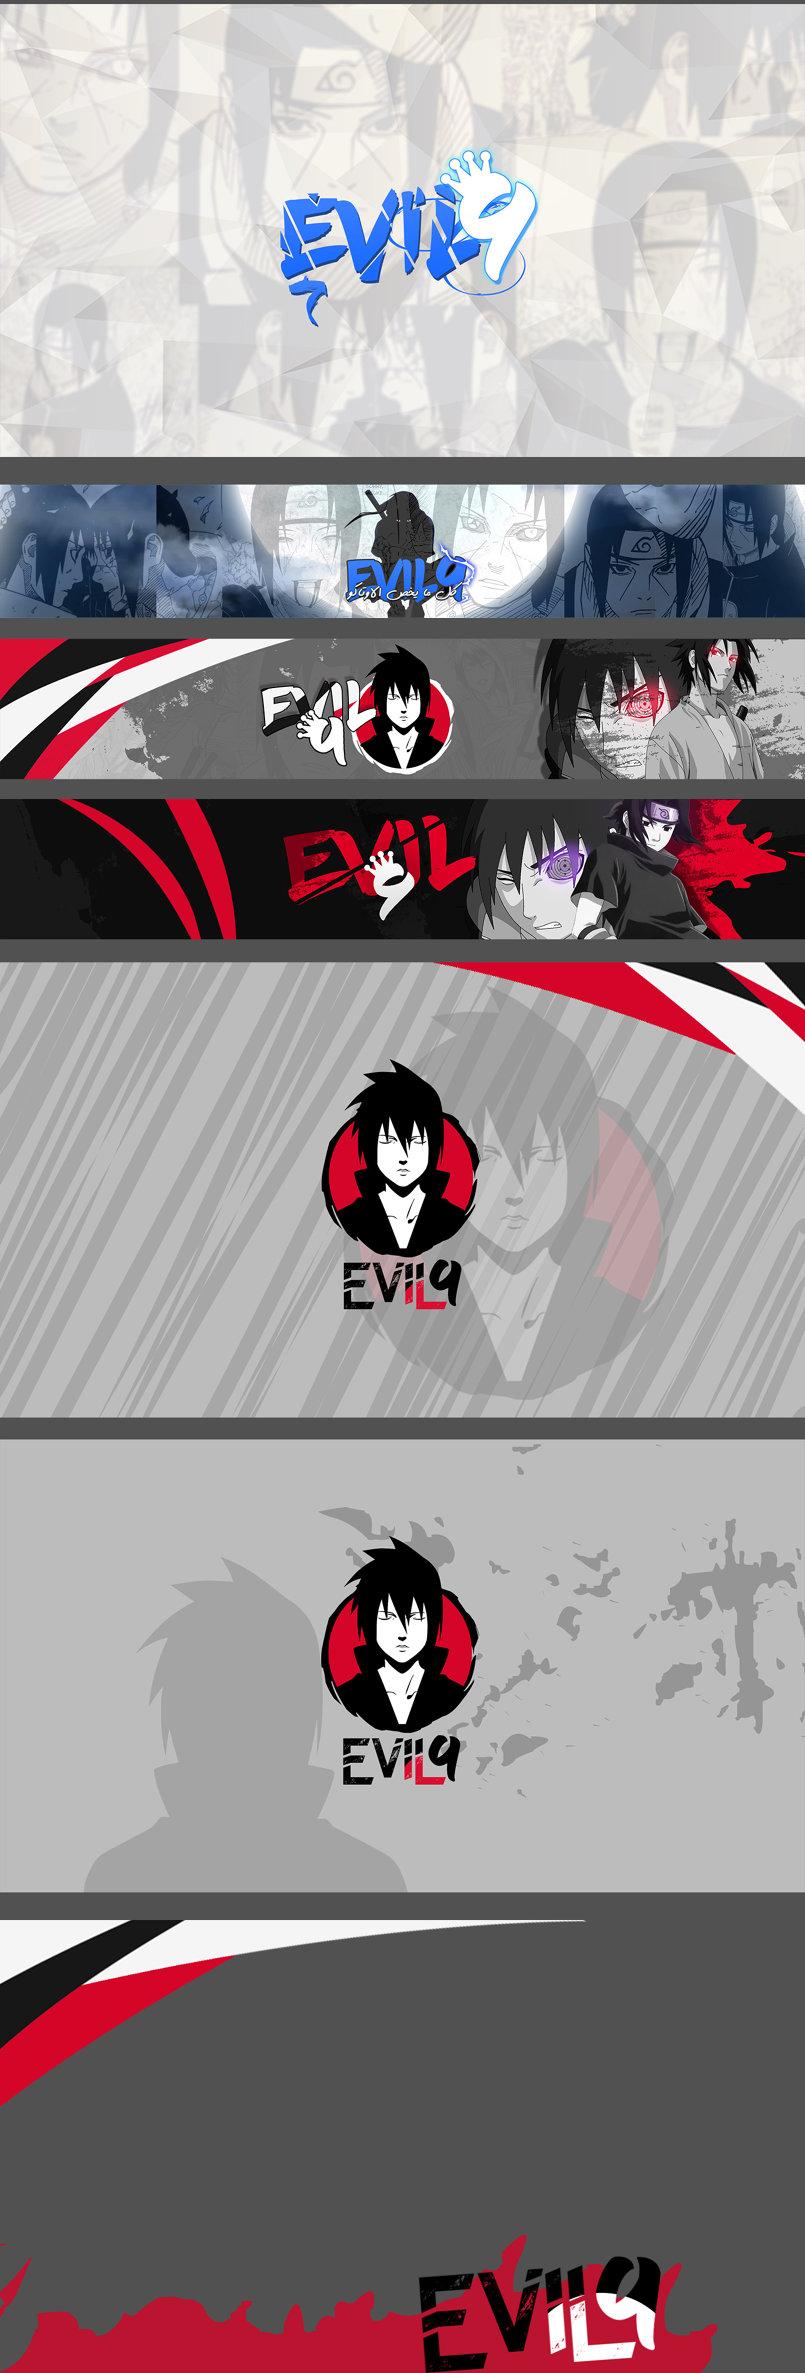 حزمة يوتيوب كاملة لقناة ايفل 9   Evil9